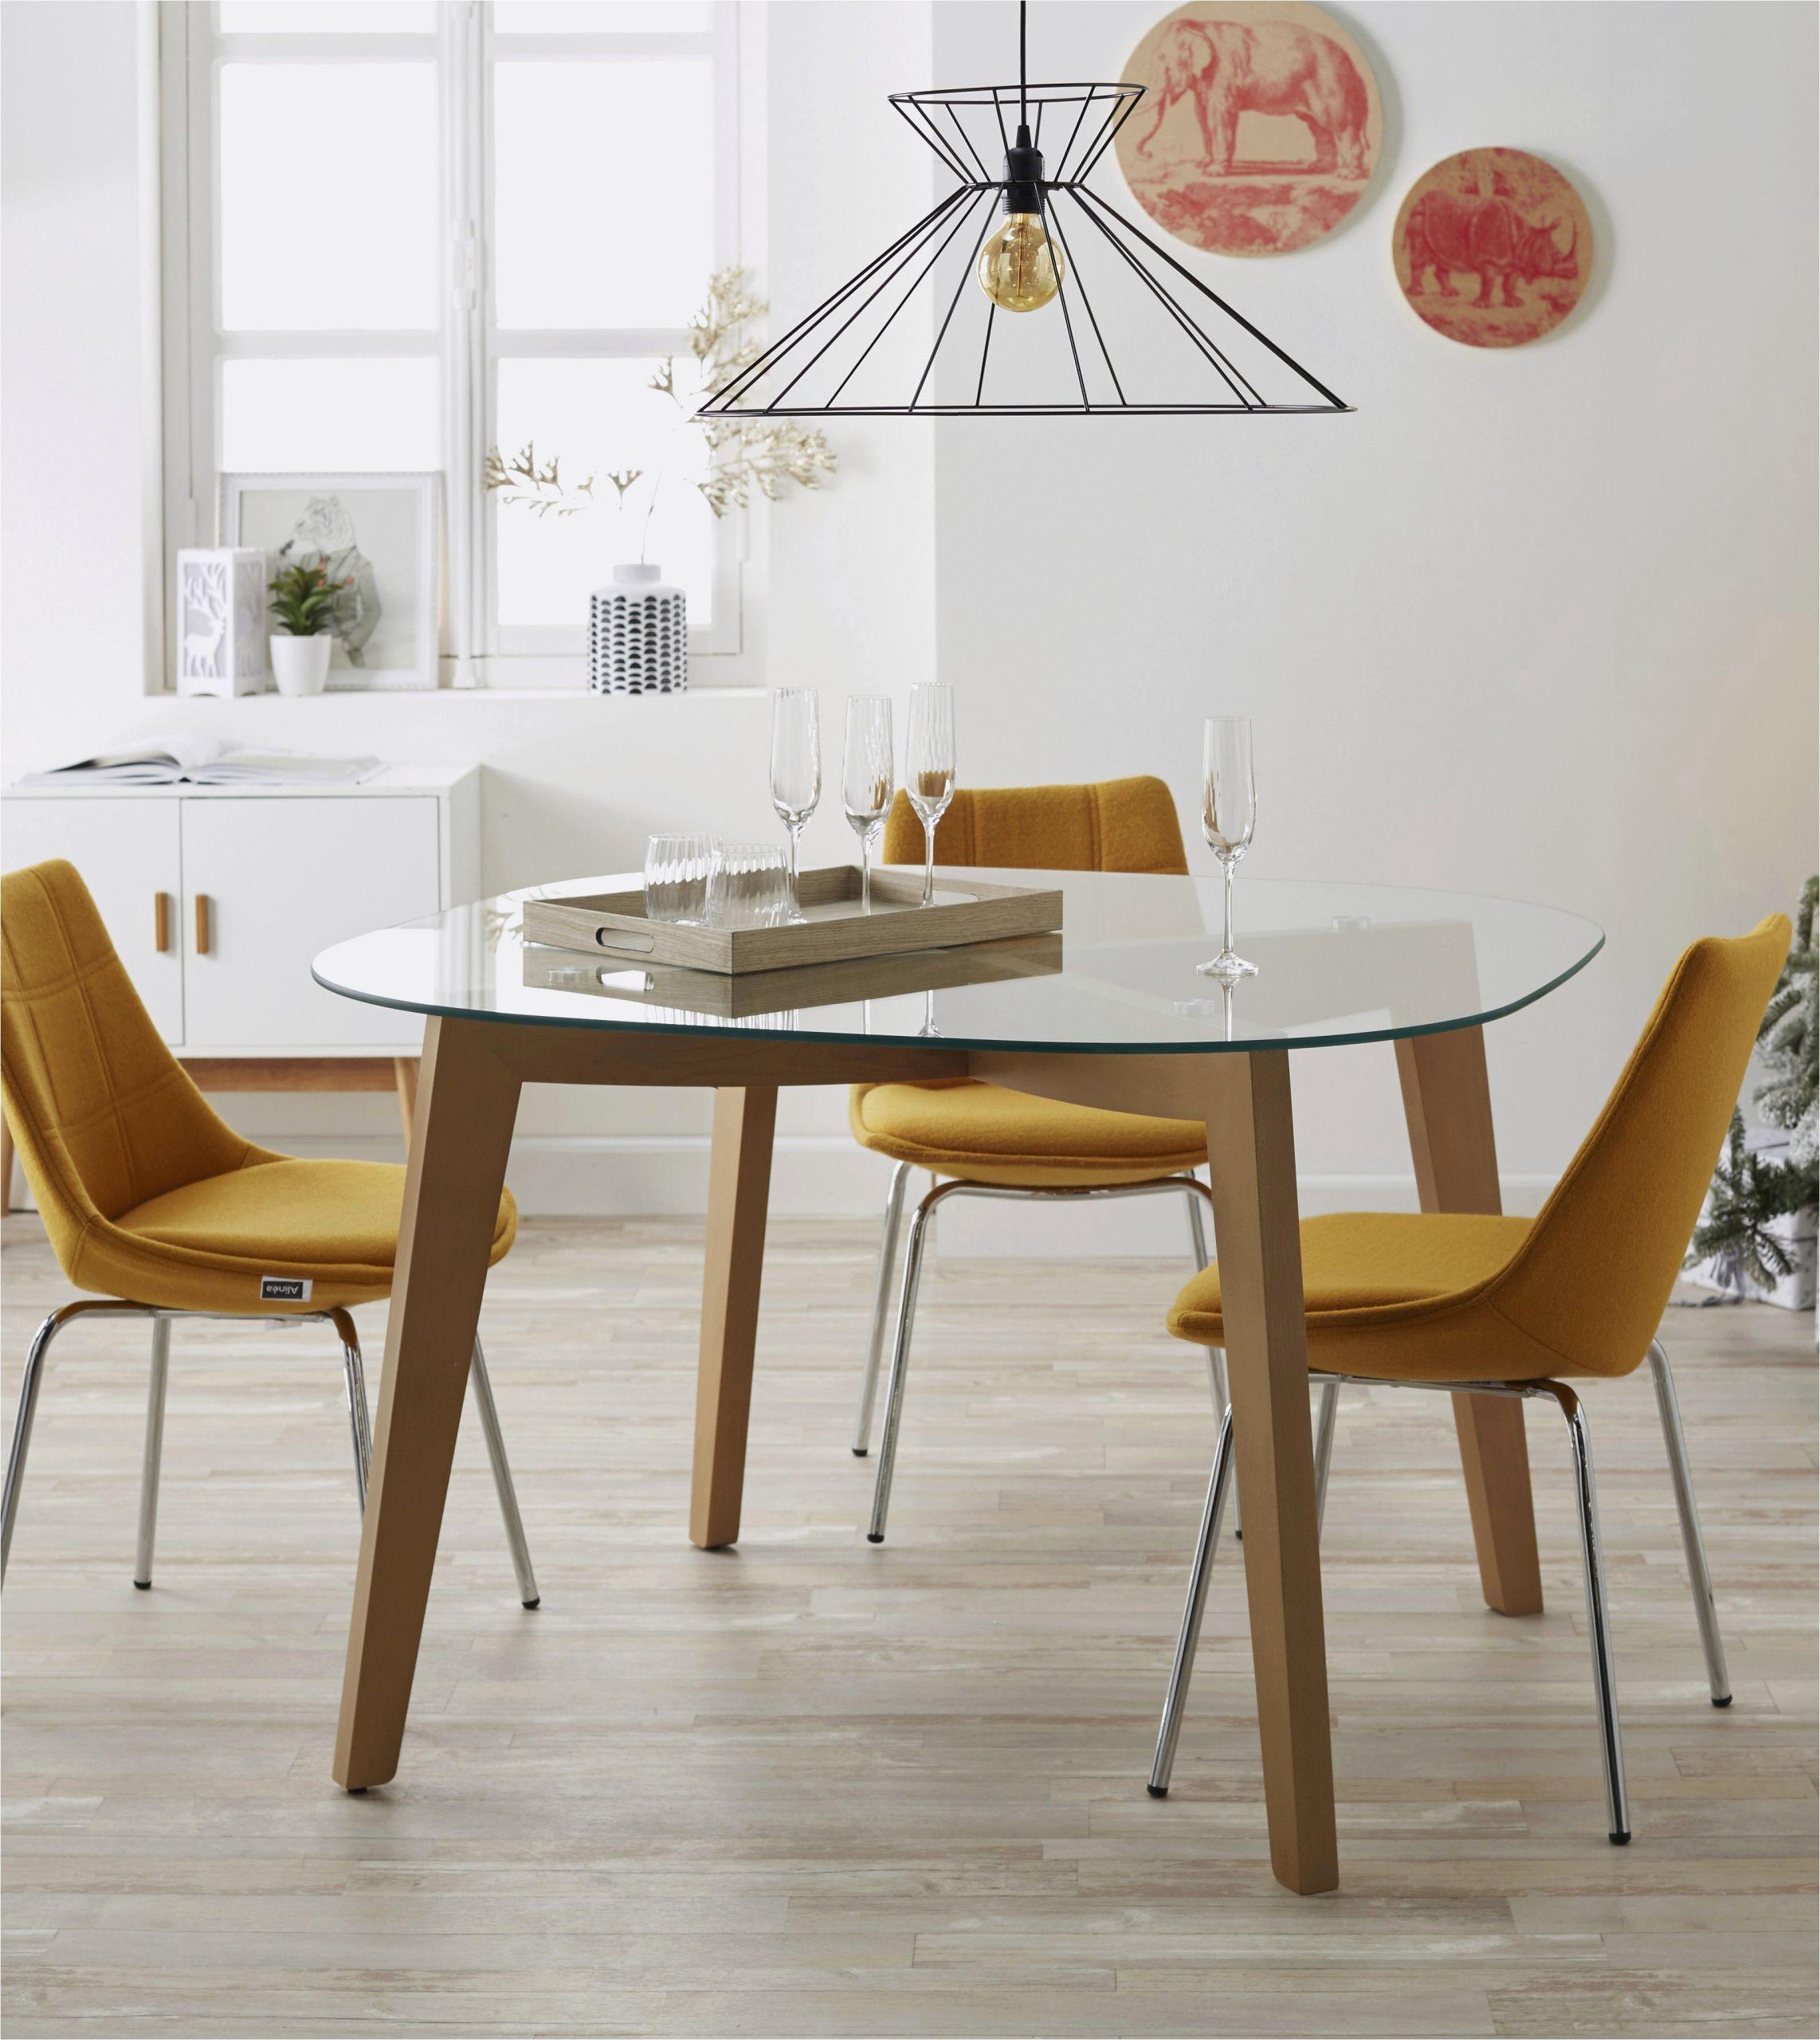 Table Alinea Extensible Inspirant Special S De Ikea Salle A Manger Inspiré Table De Salle Of 28 Frais Table Alinea Extensible